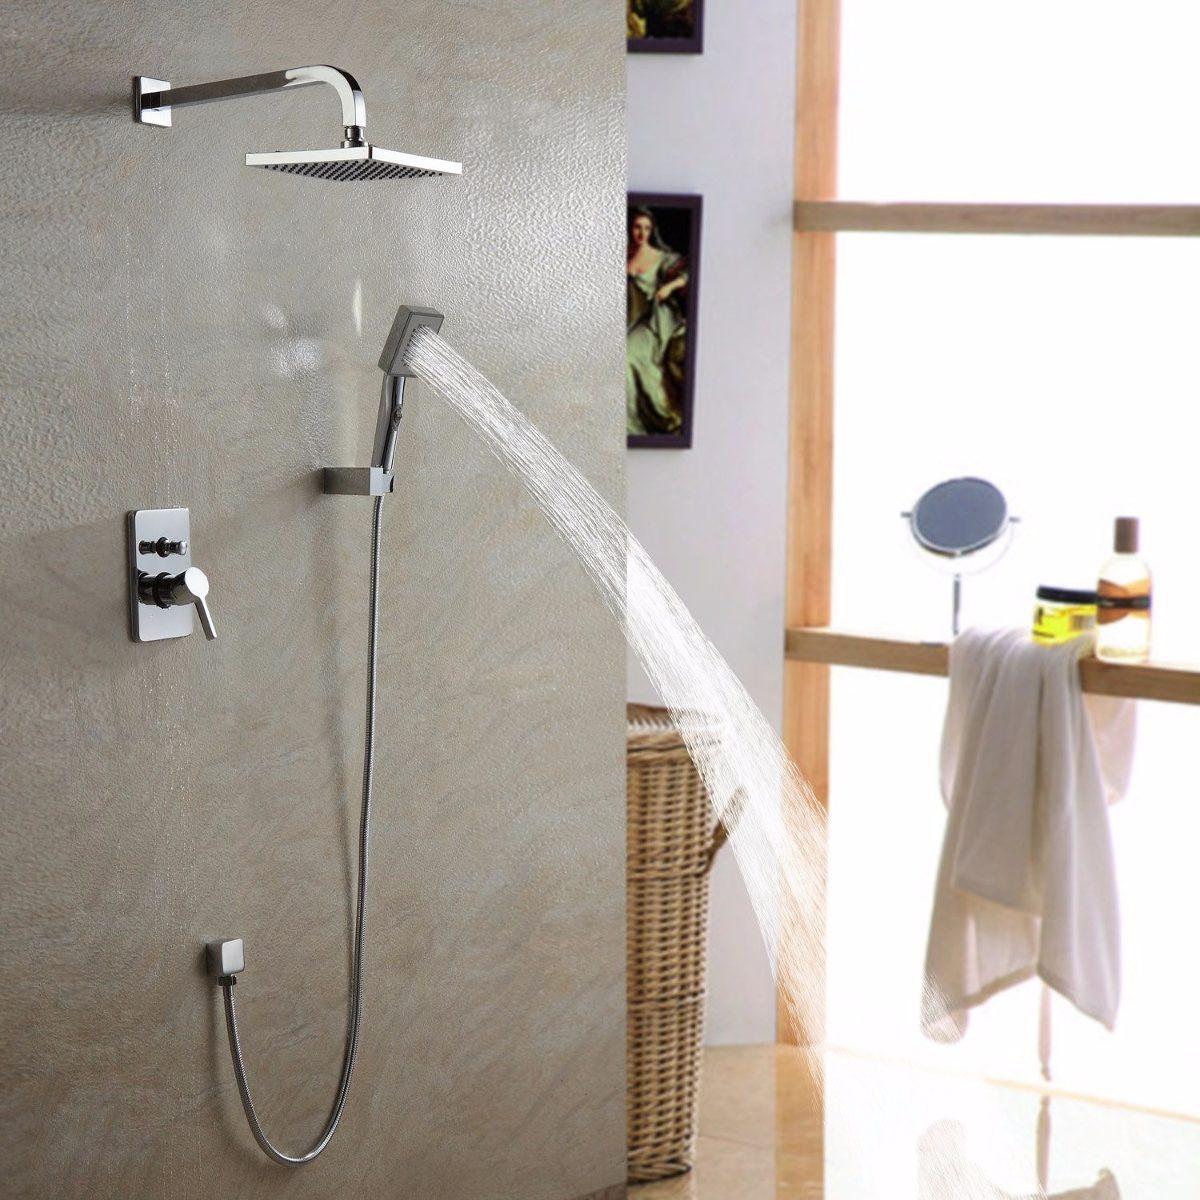 Llave ouku ba o ducha regadera fija y de telefono for Monomando para ducha